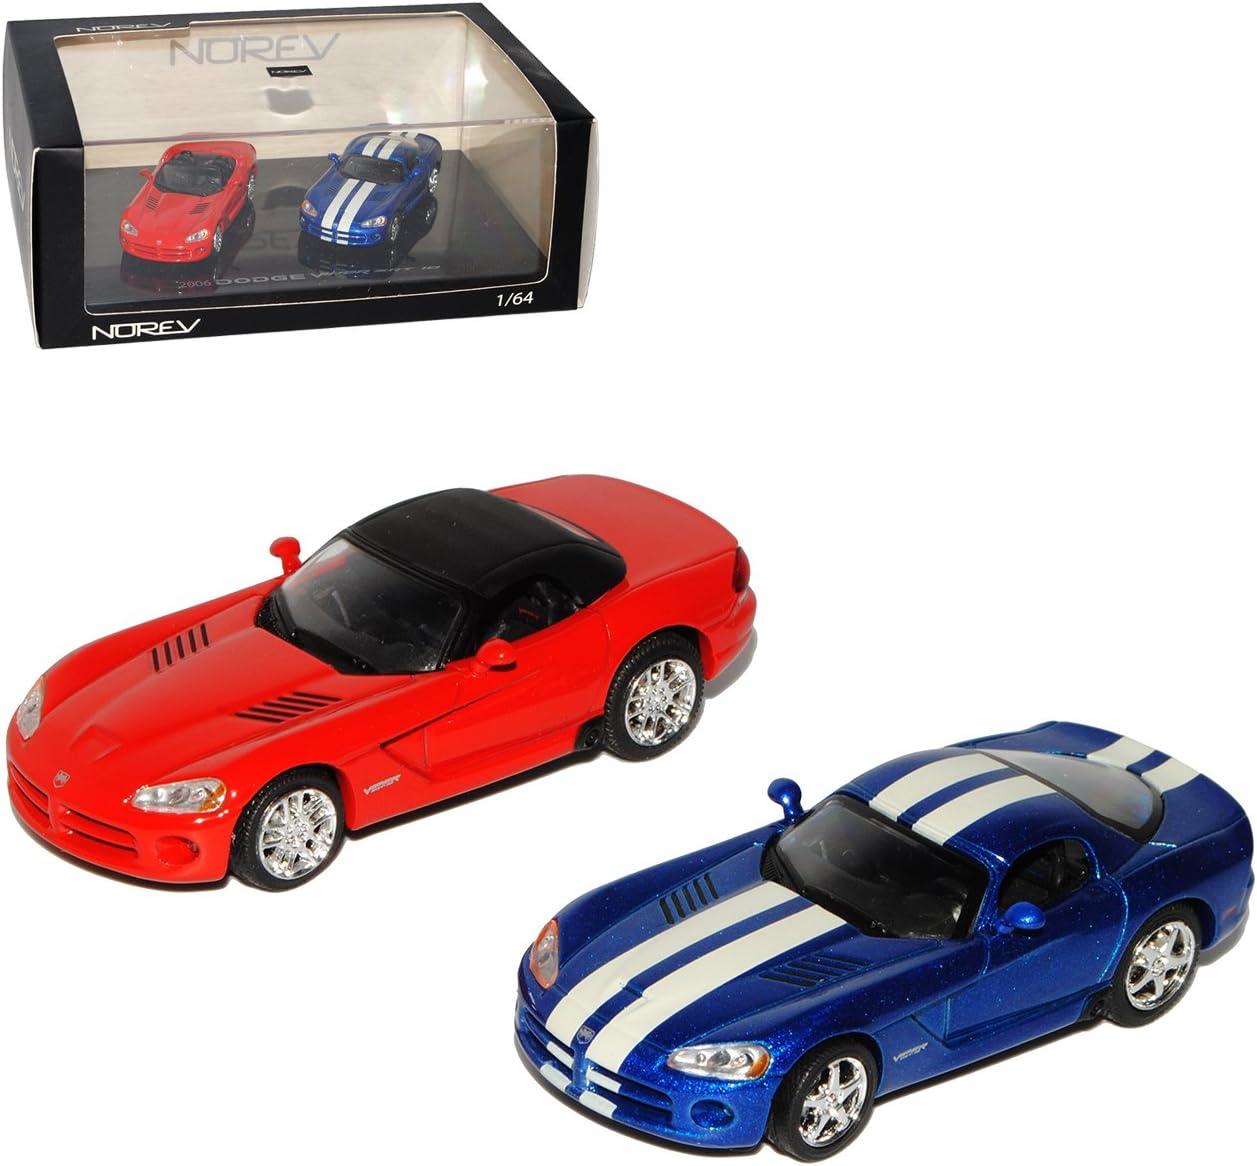 Generation 2003-2010 1//64 Modell Auto mit individiuellem Wunschkennzeichen Norev Dodge Viper GTS und SRT10 Coupe und Cabrio 2